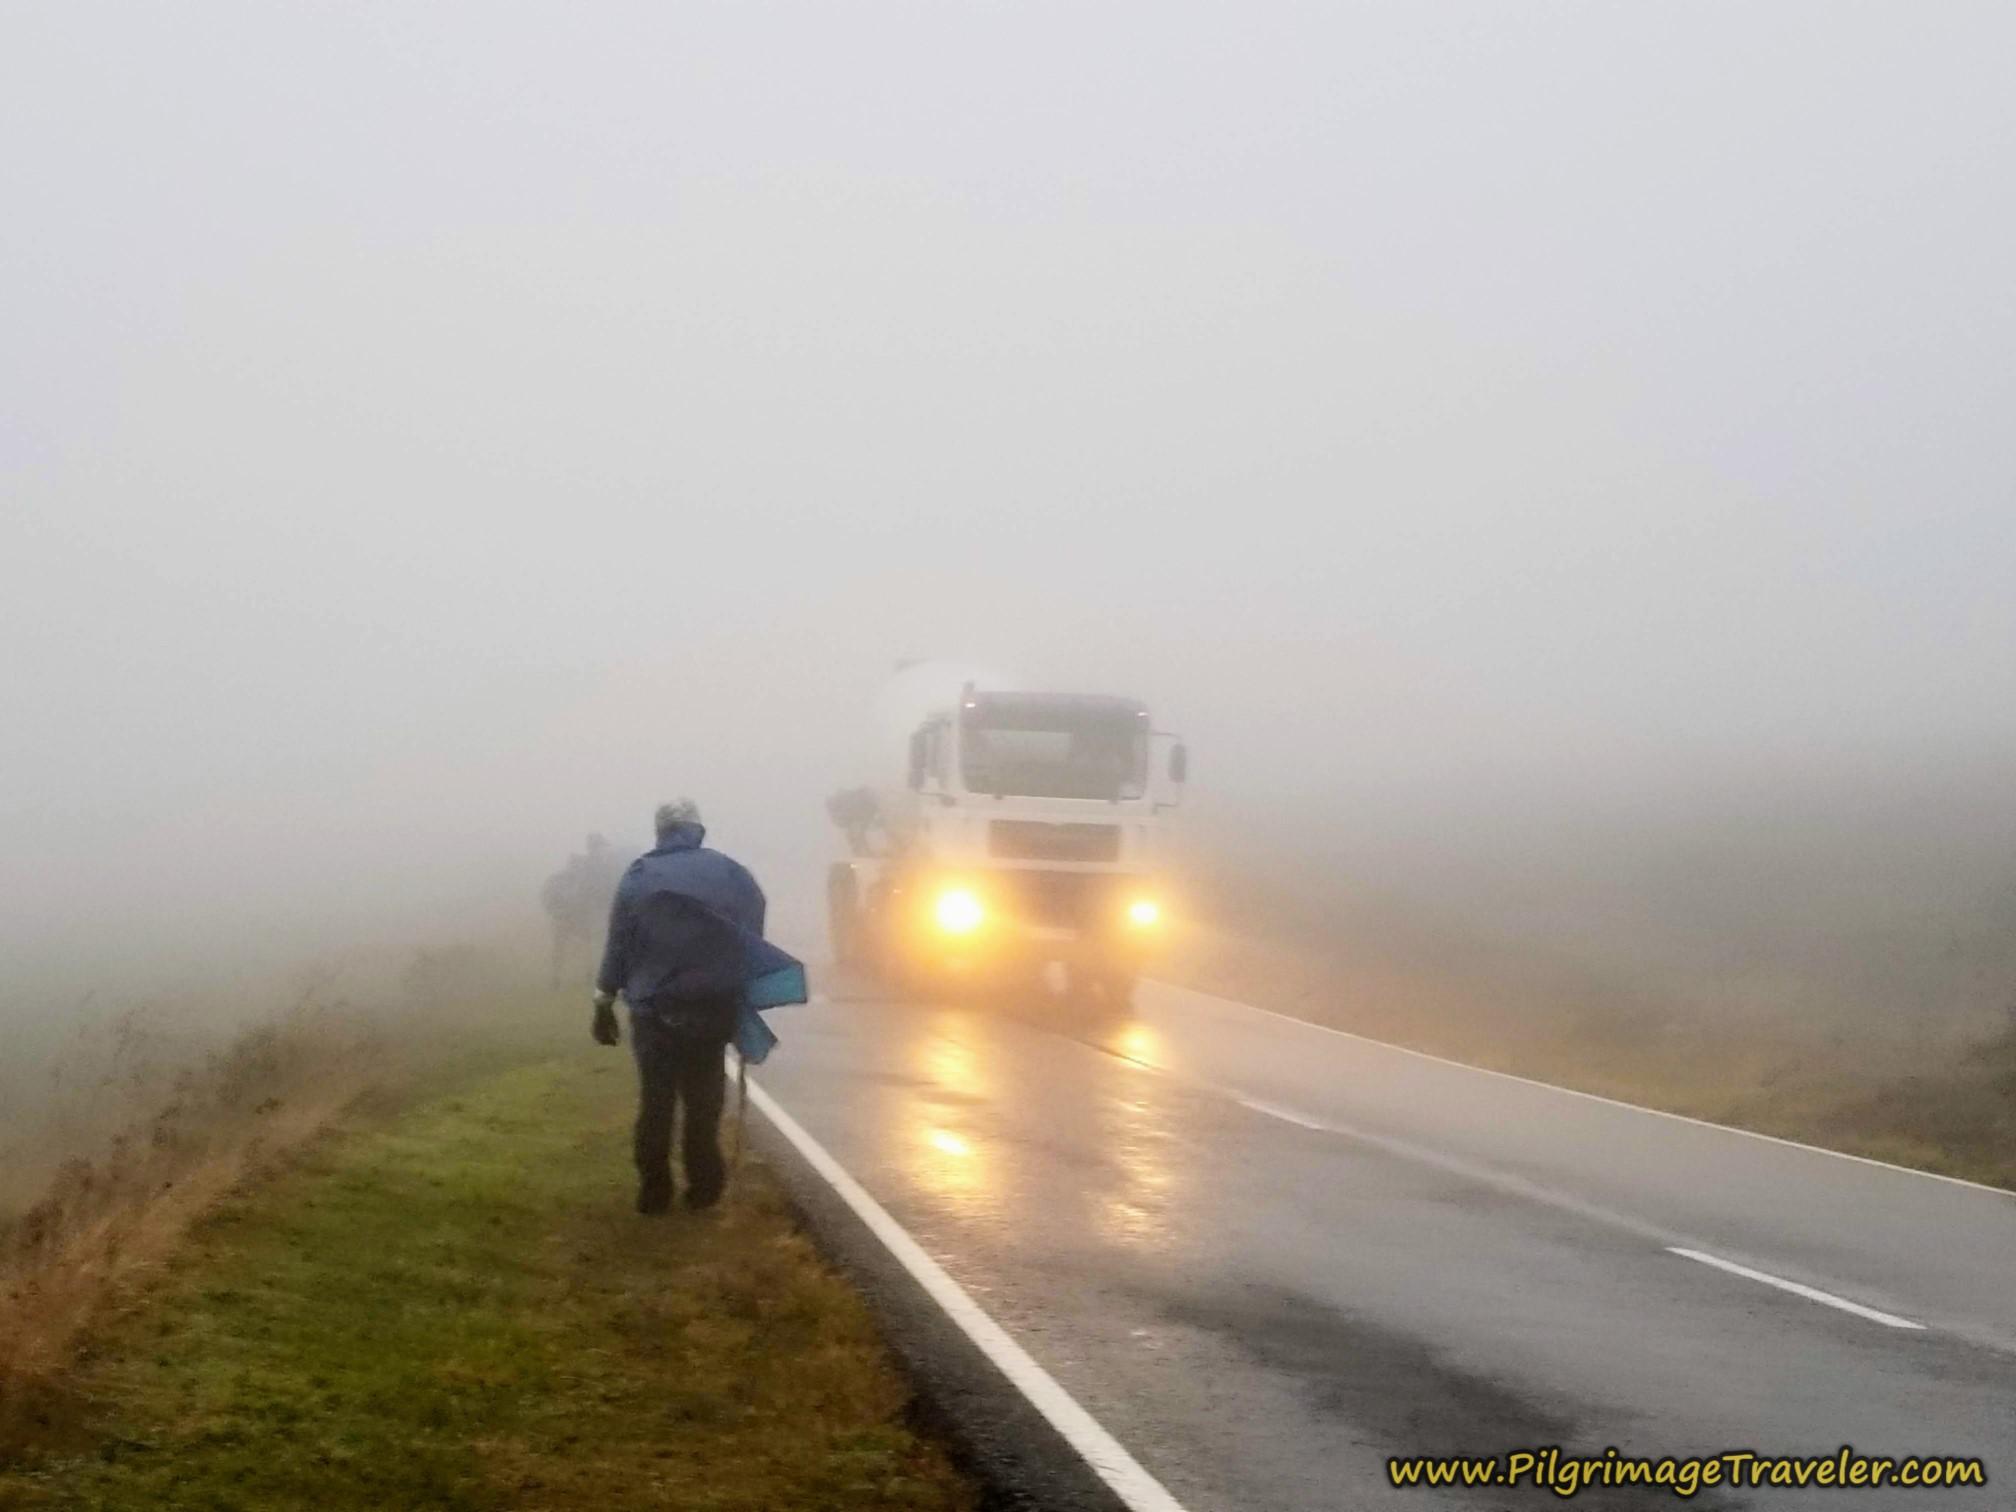 Negotiating Trucks in the Rain on the Camino Sanabrés from A Gudiña to A Venda da Capela